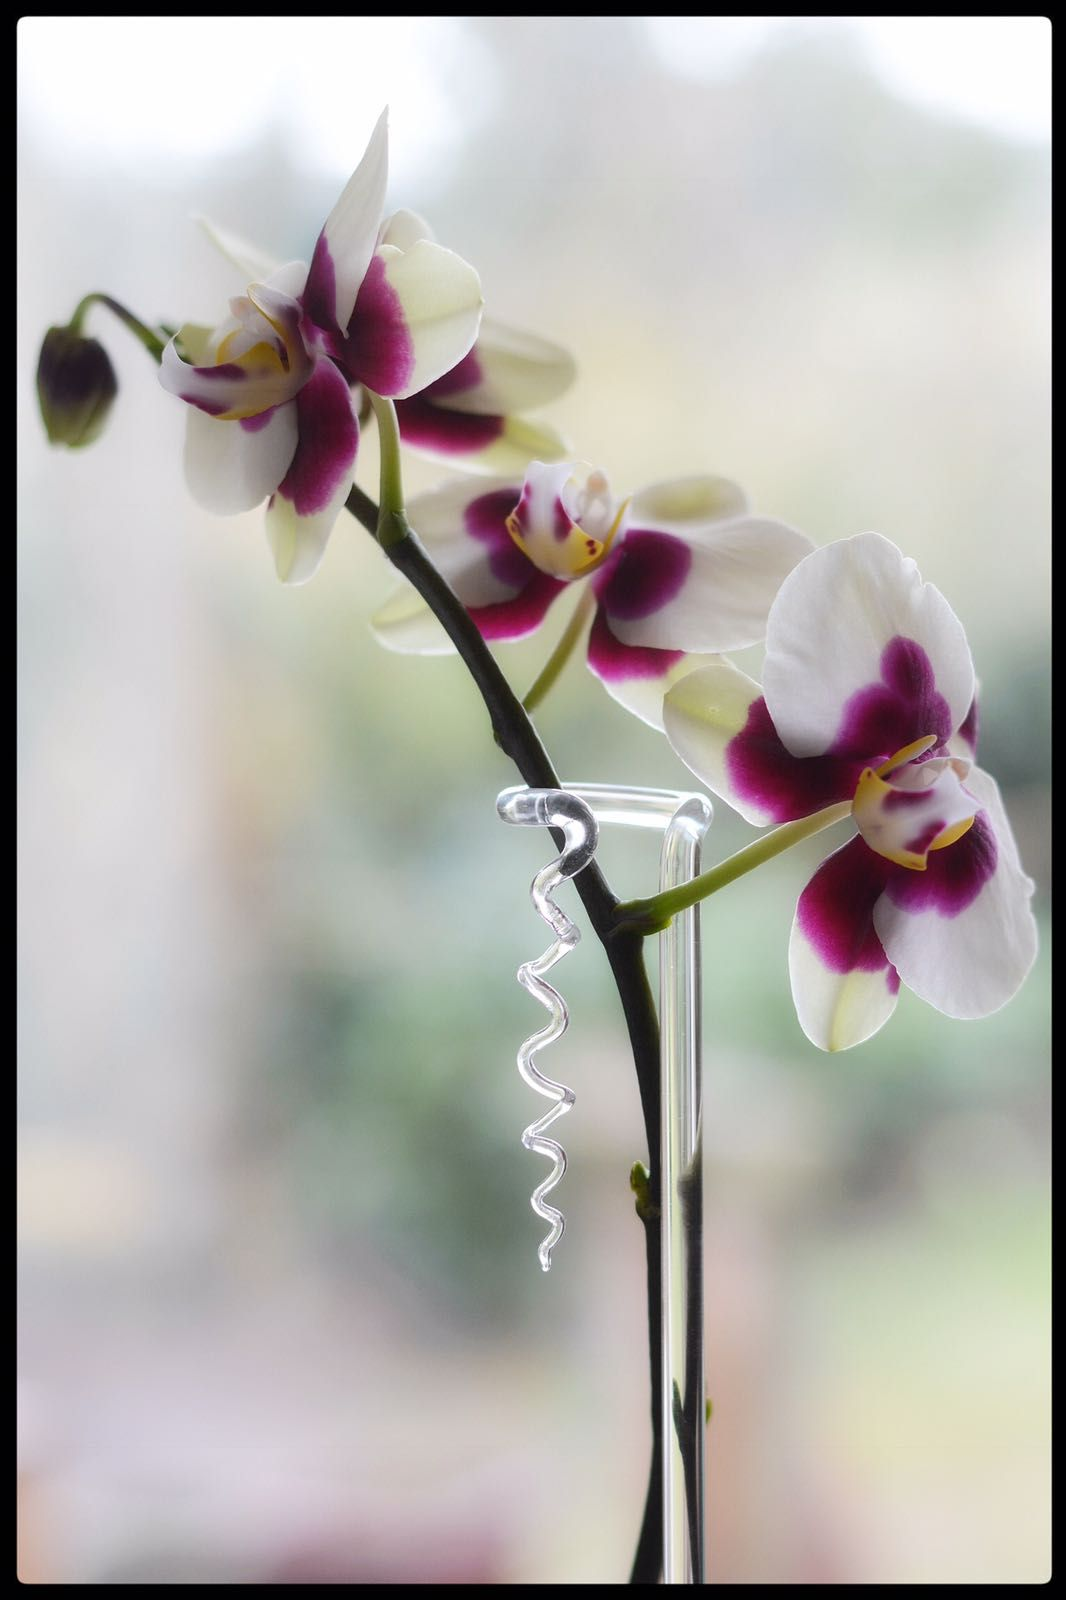 Mooie oplossing voor het ondersteunen van orchideeën. De flowerpin van mooibijplanten.nl